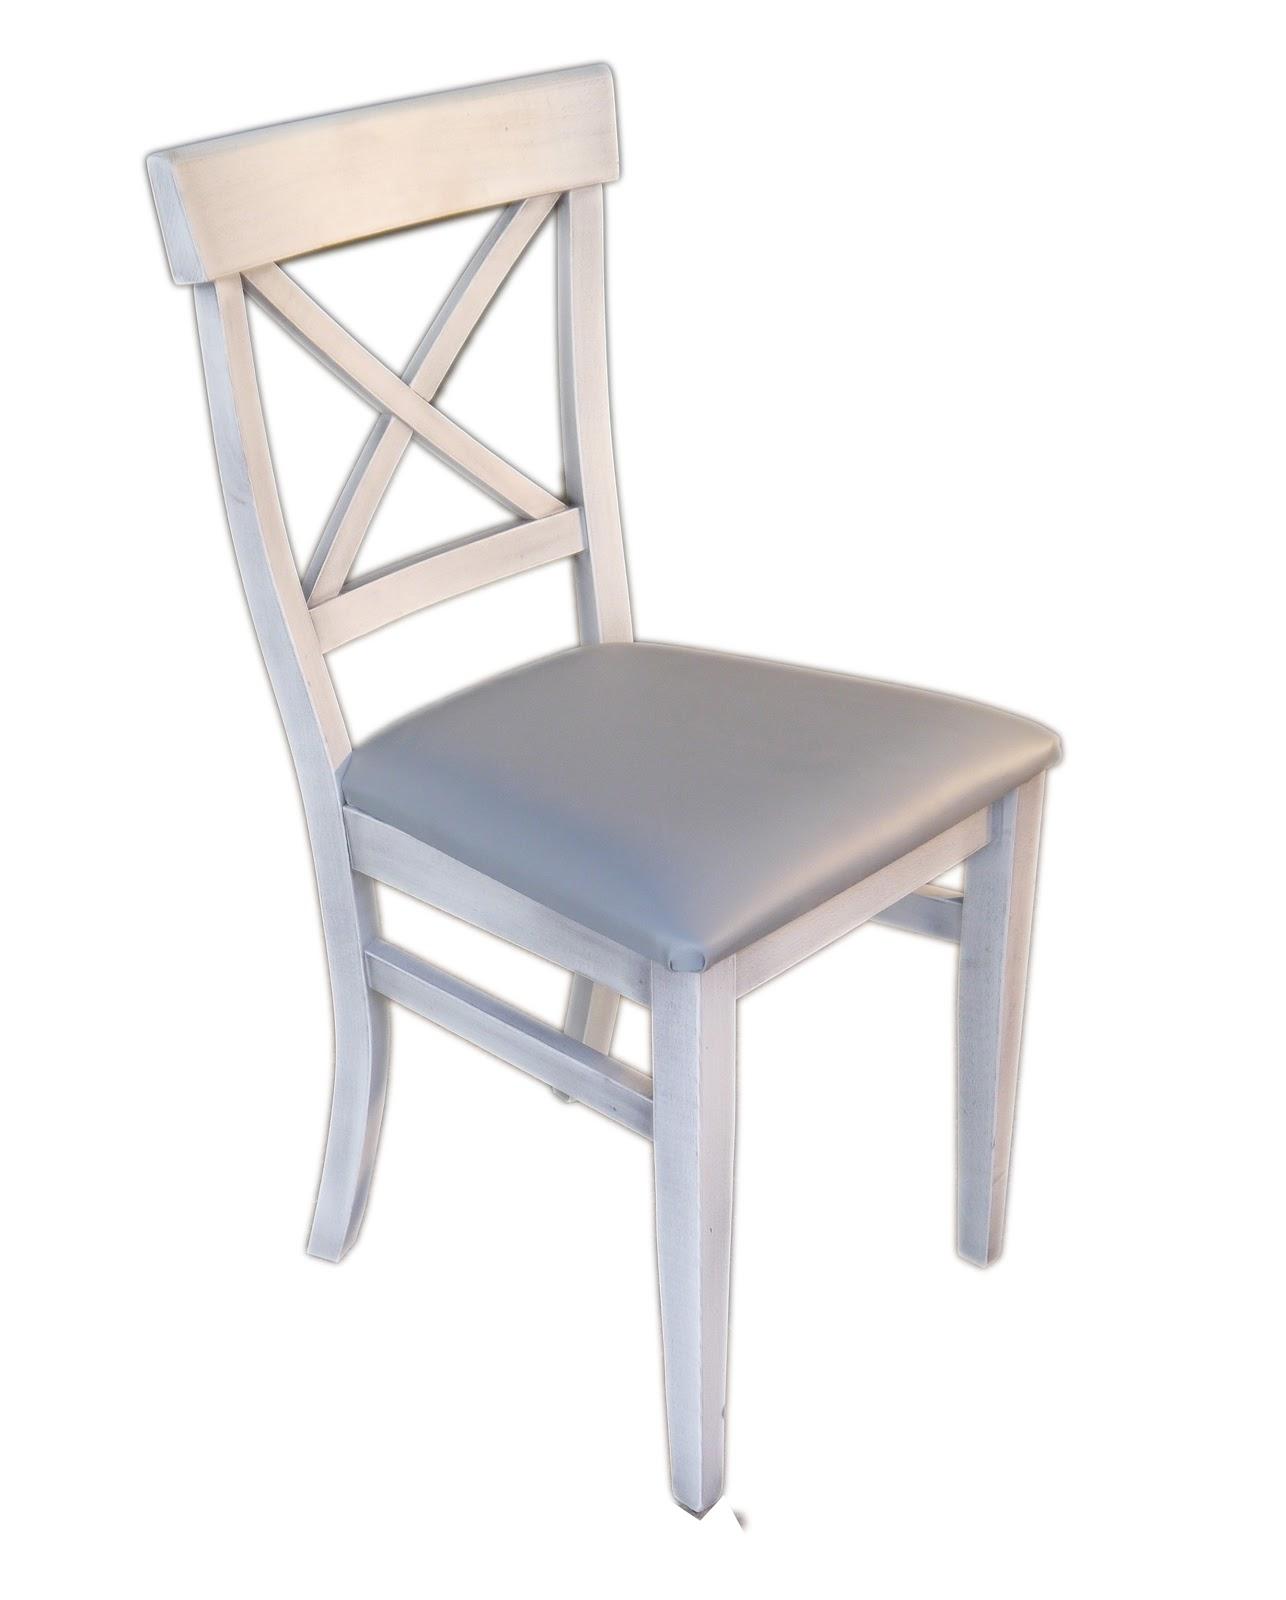 Novedades muebles 2013 mesas y sillas de estilo vintage - Muebles hosteleria barcelona ...